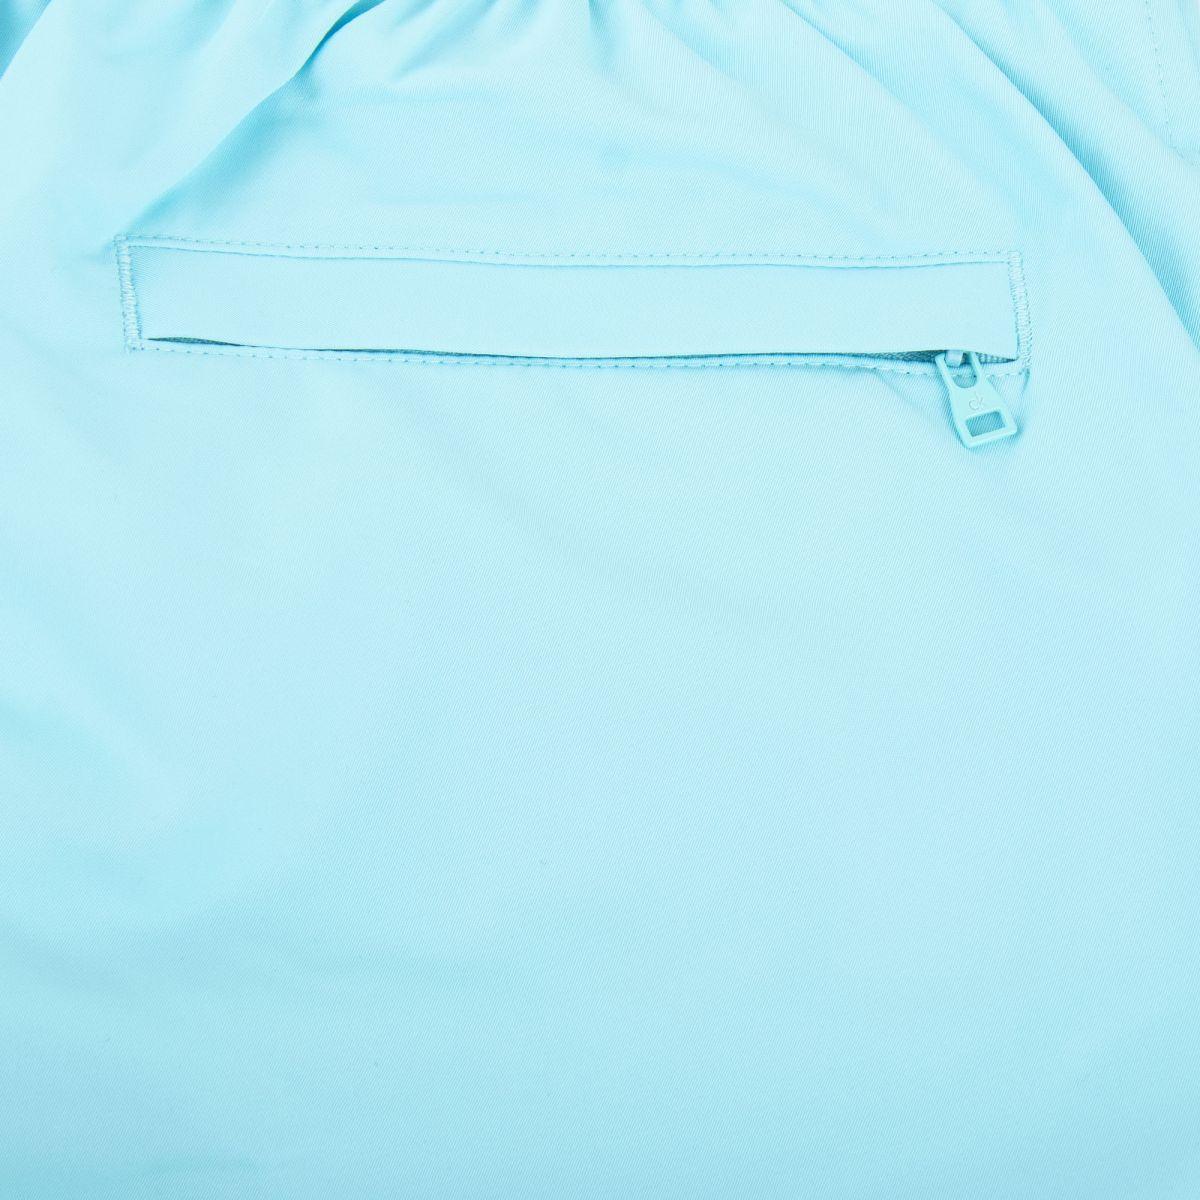 short de bain bleu turquoise homme calvin klein prix d griff. Black Bedroom Furniture Sets. Home Design Ideas